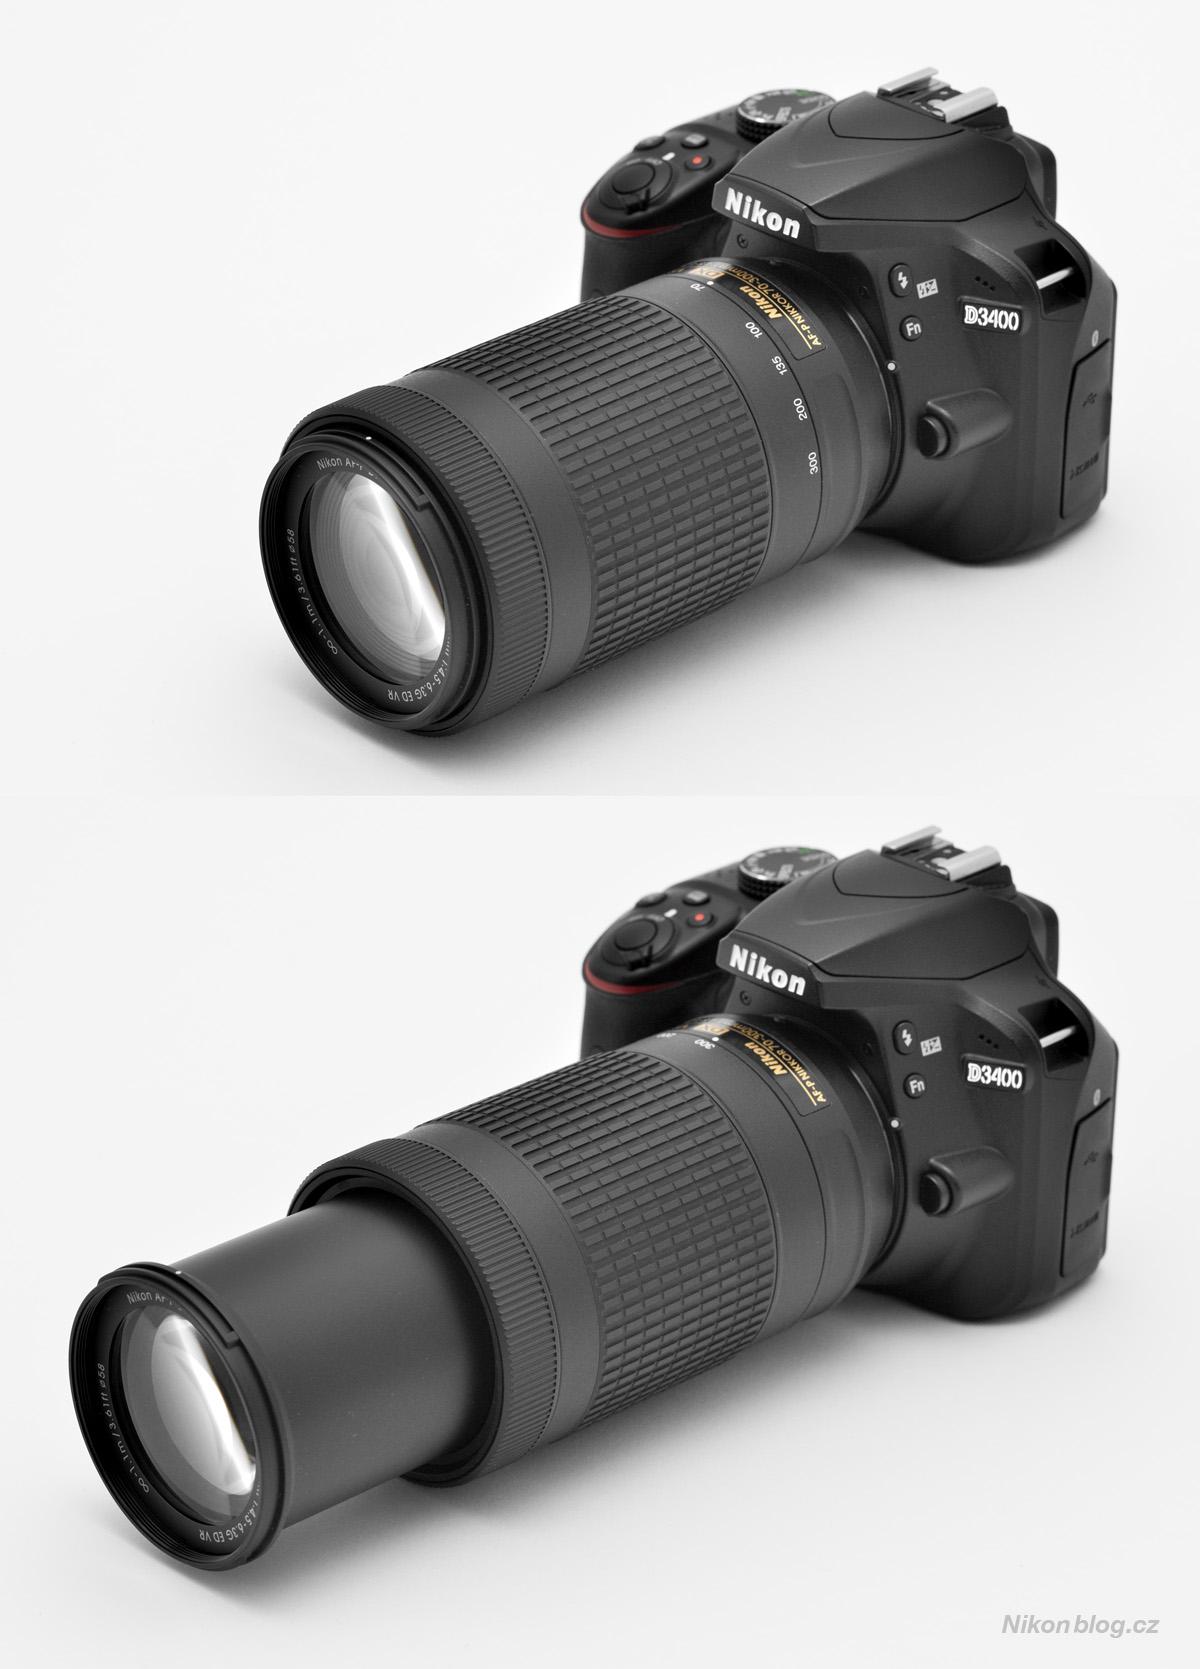 AF-P DX Nikkor 70–300 mm F4,5–6,3G ED VR na těle Nikonu D3400